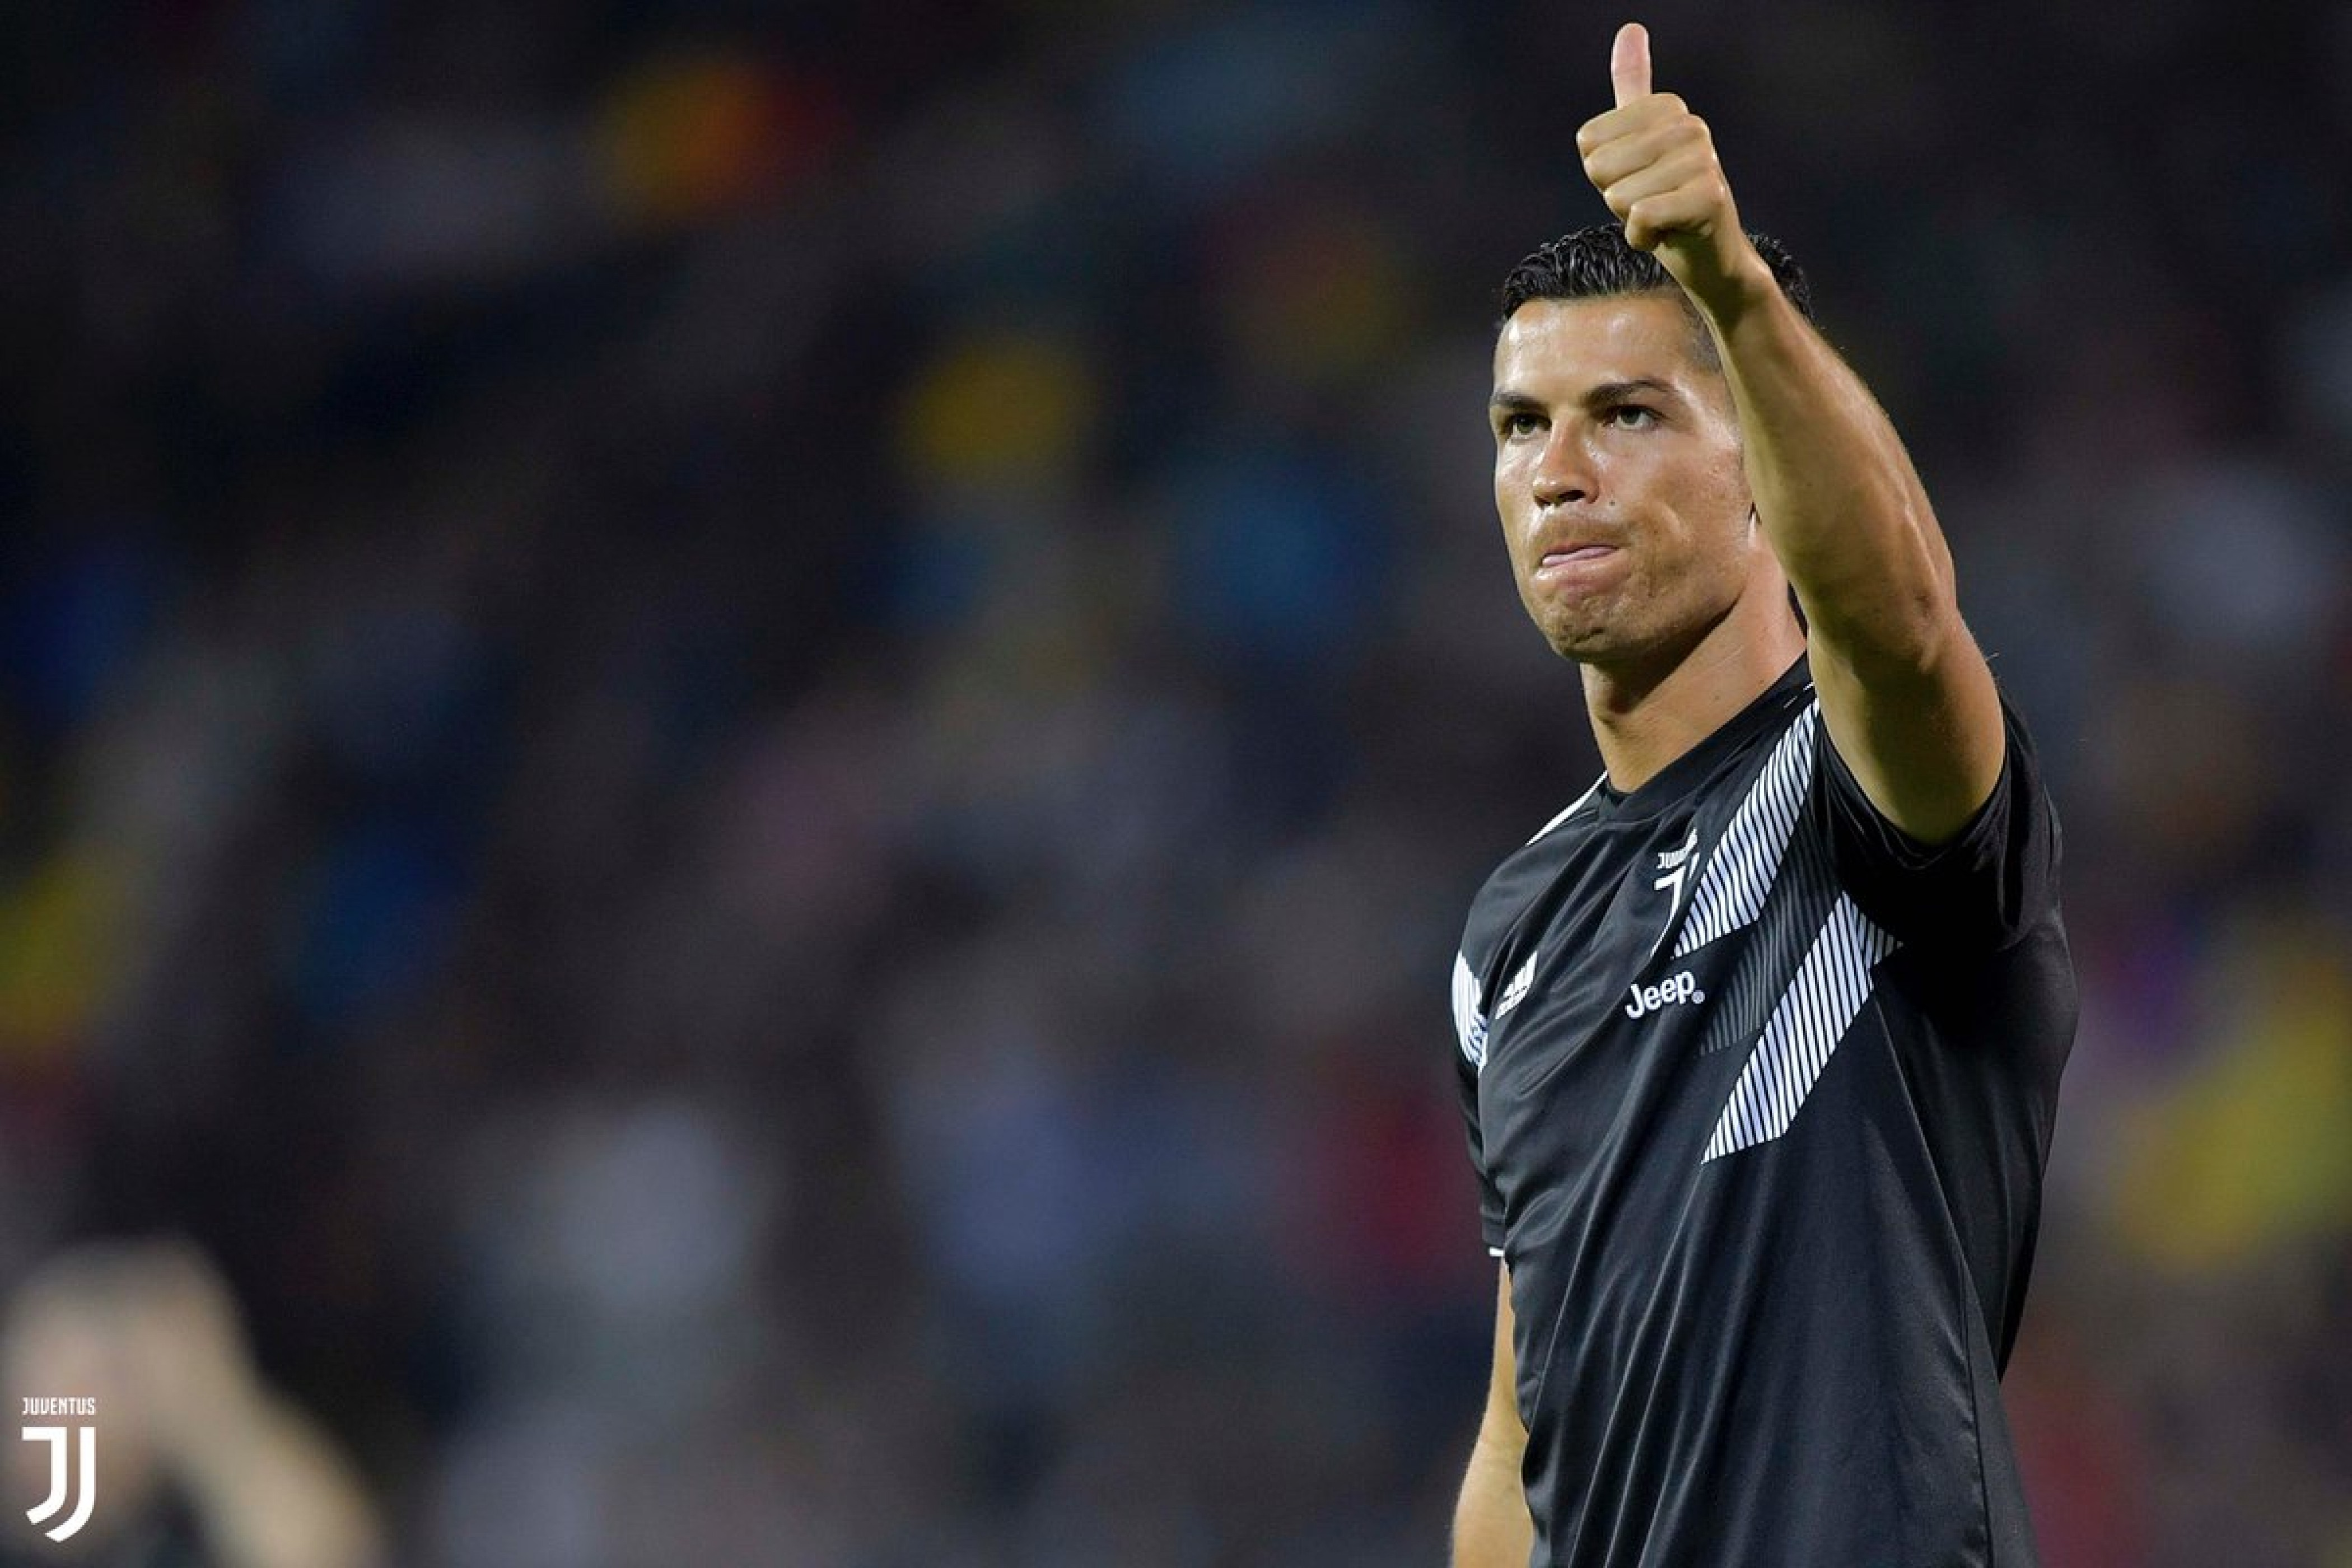 Orgoglio Juventus: Frosinone battuto e quinta vittoria di fila. Cristiano Ronaldo decisivo